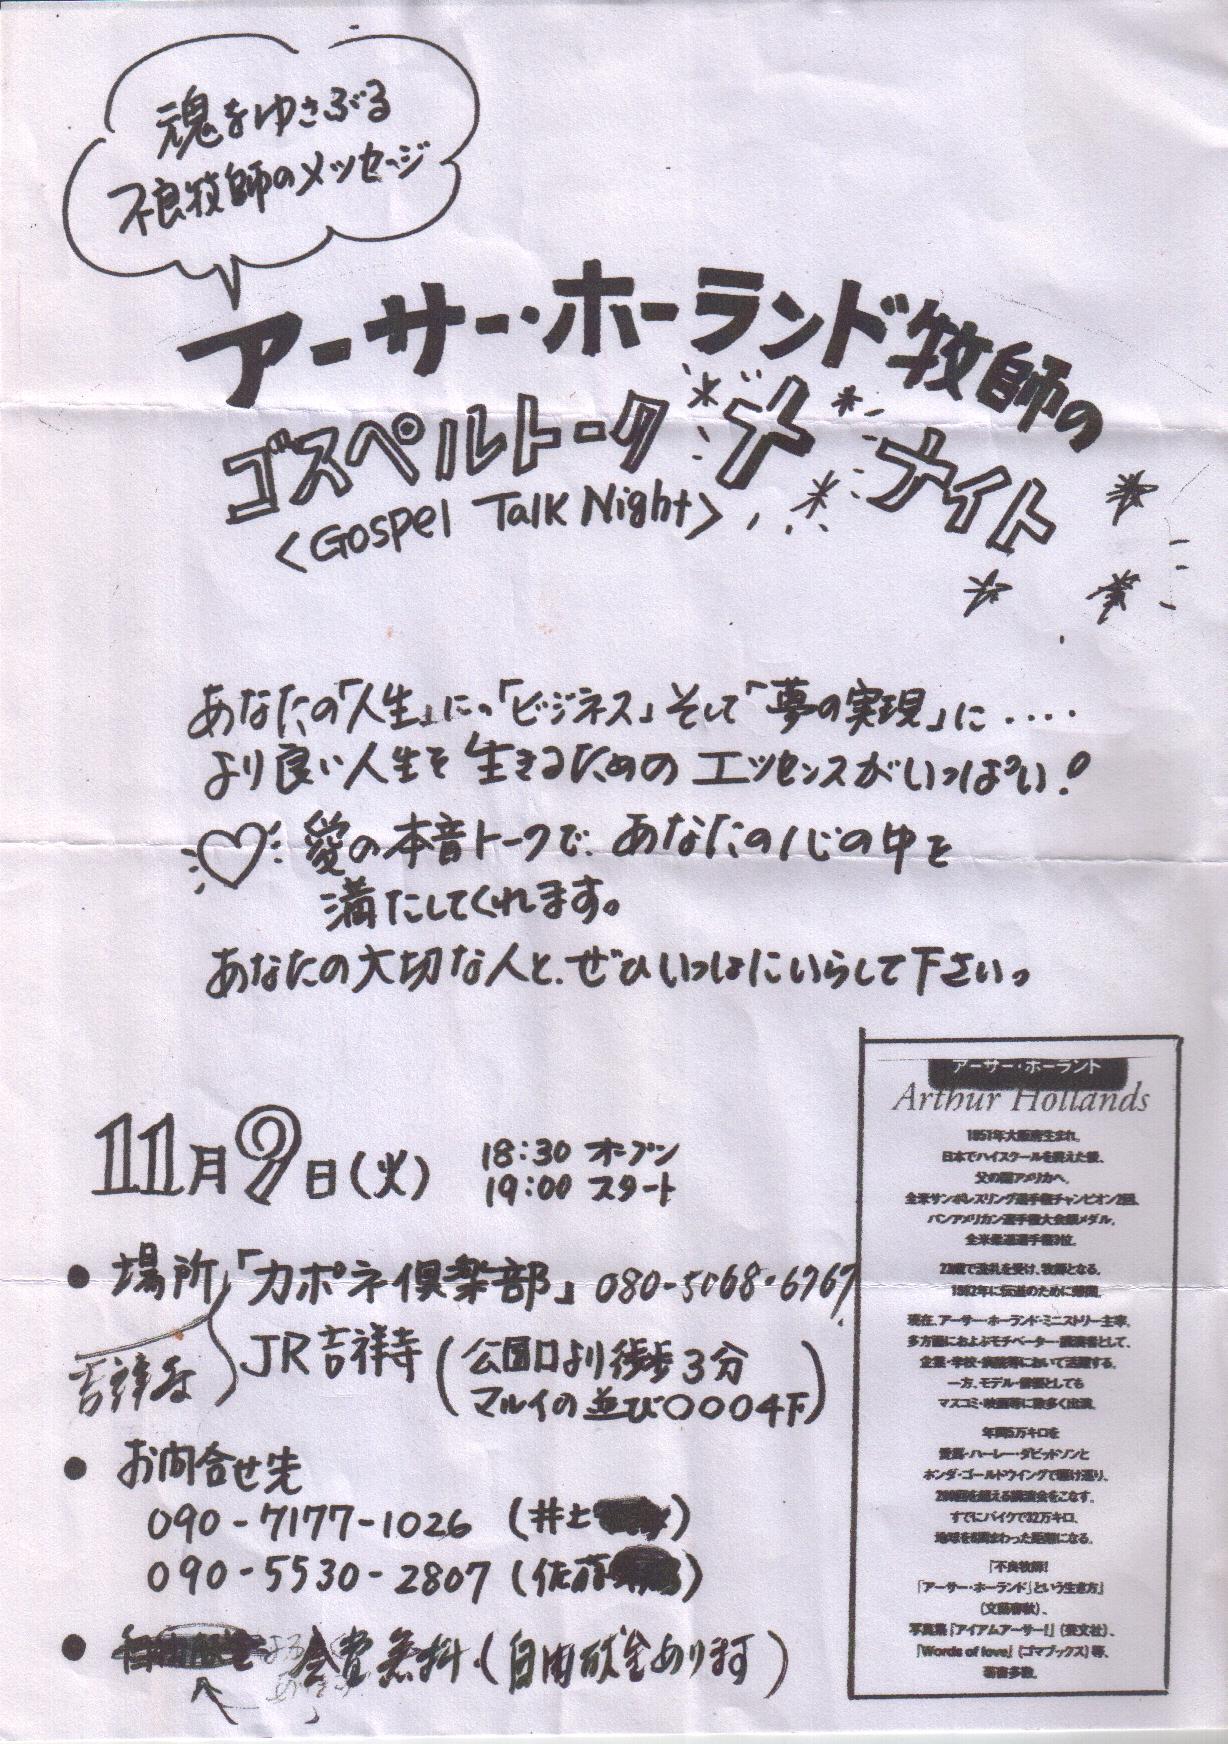 吉祥寺「カポネ倶楽部」